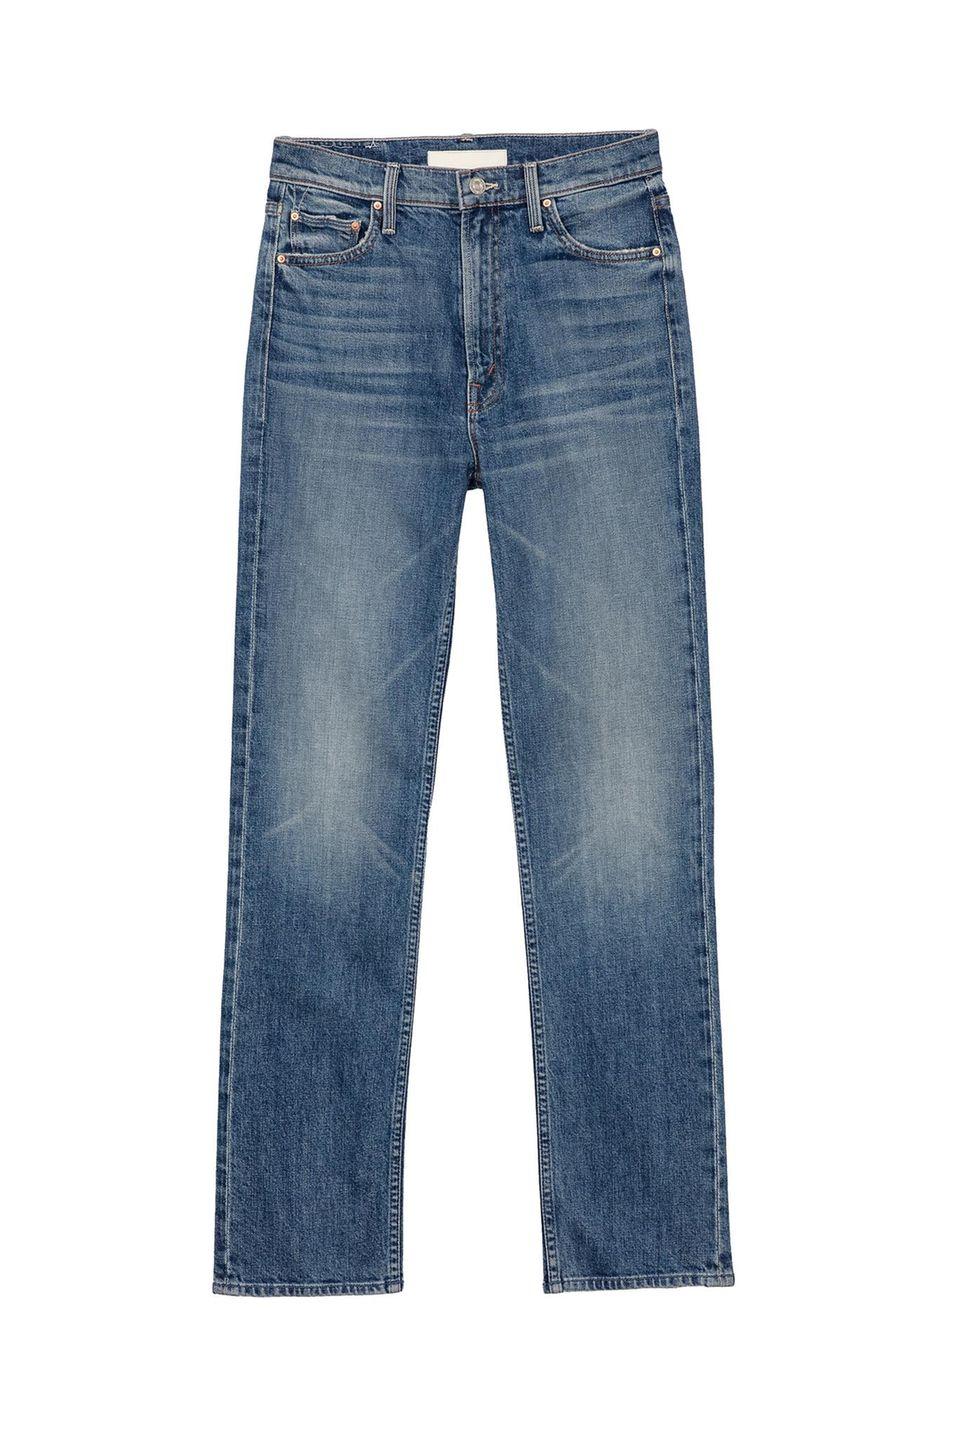 Den eigenen Stil finden: Jeans